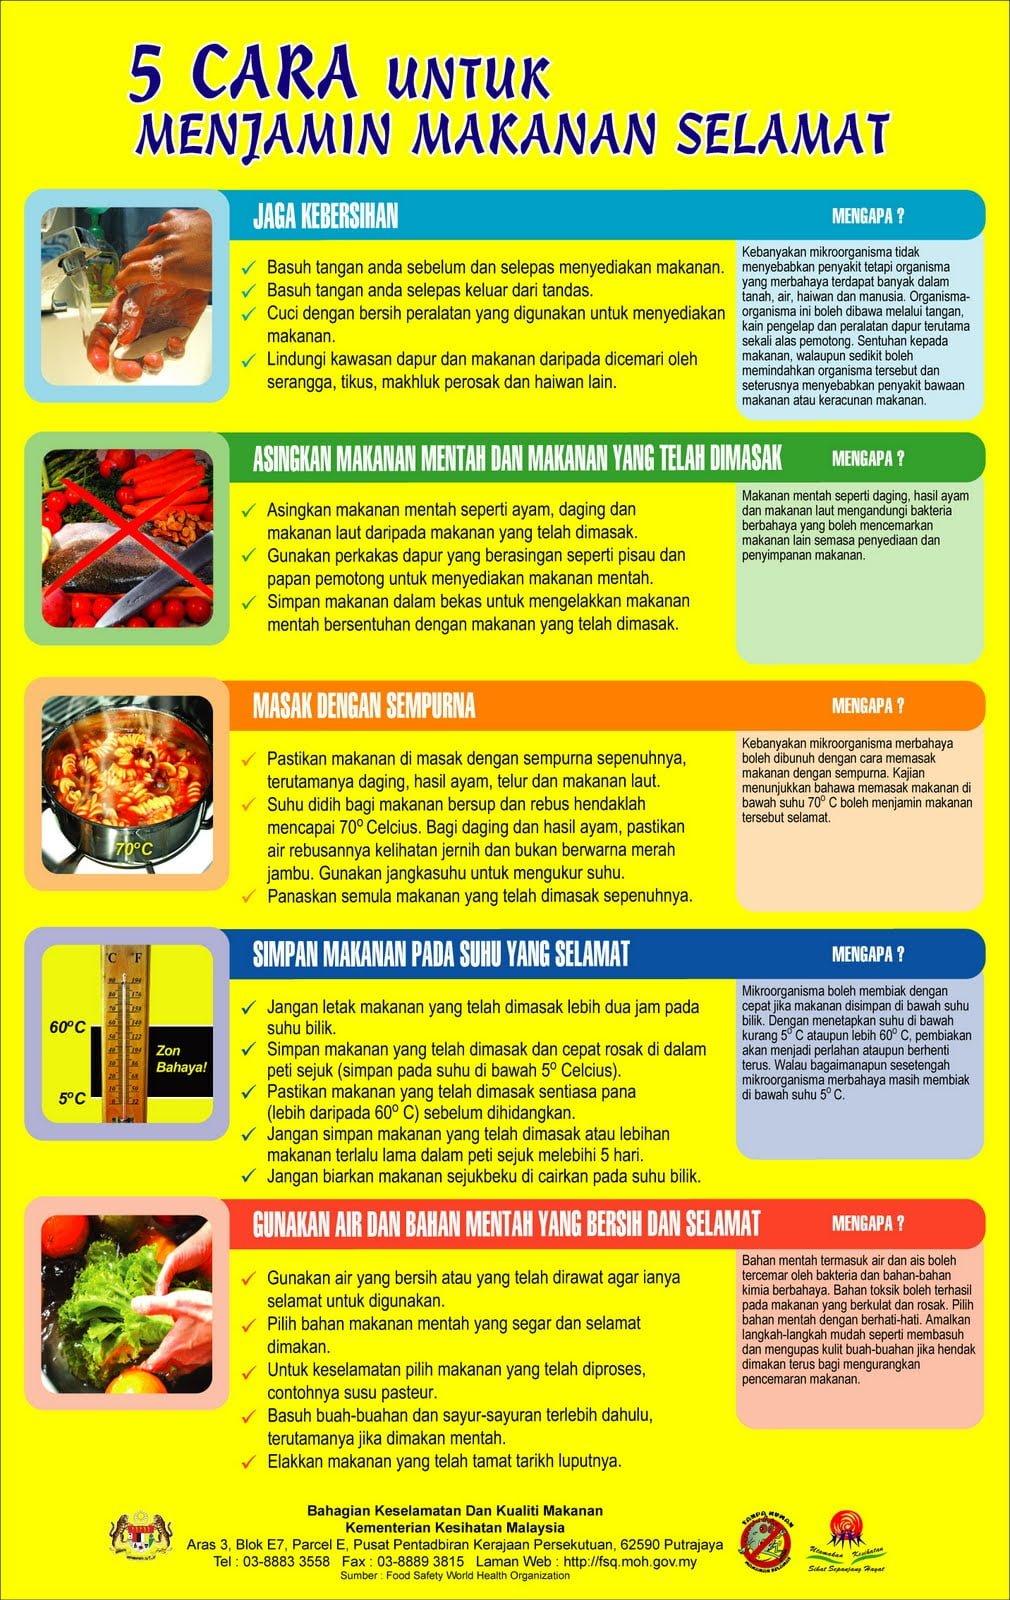 5 Cara Menjamin Makanan Selamat